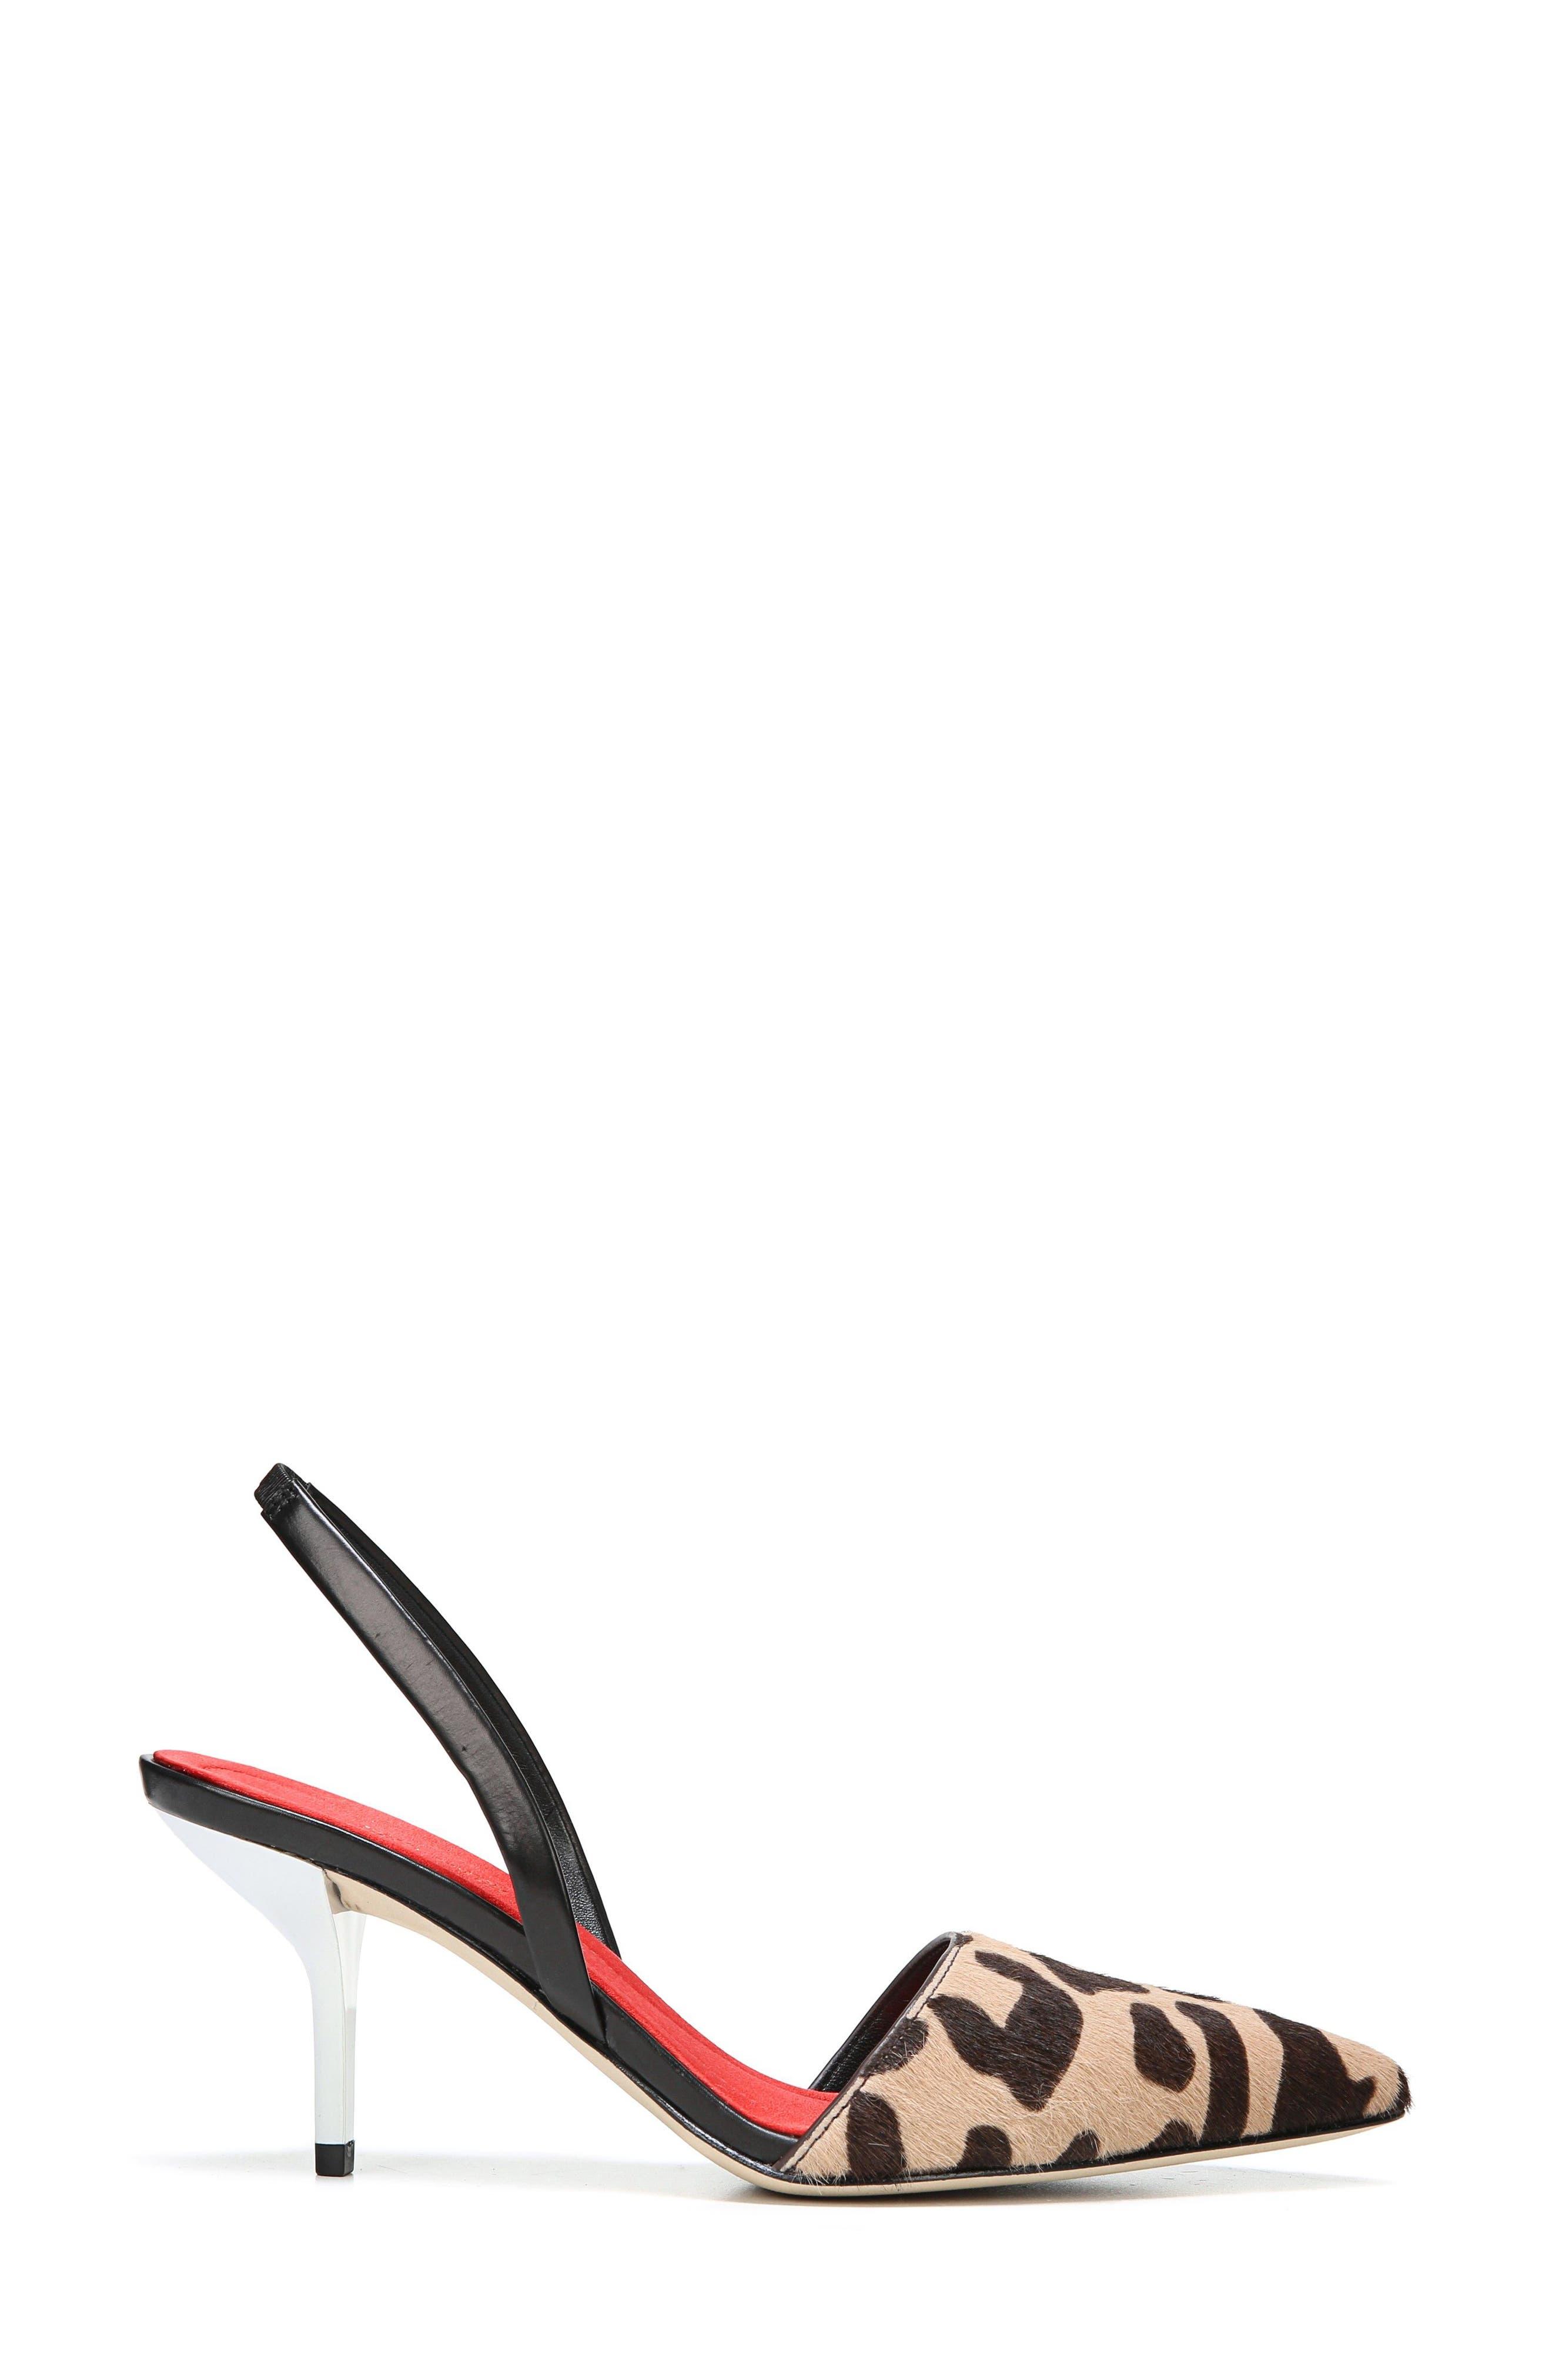 Alternate Image 3  - Diane von Furstenberg Mortelle Genuine Calf Hair d'Orsay Pump (Women)